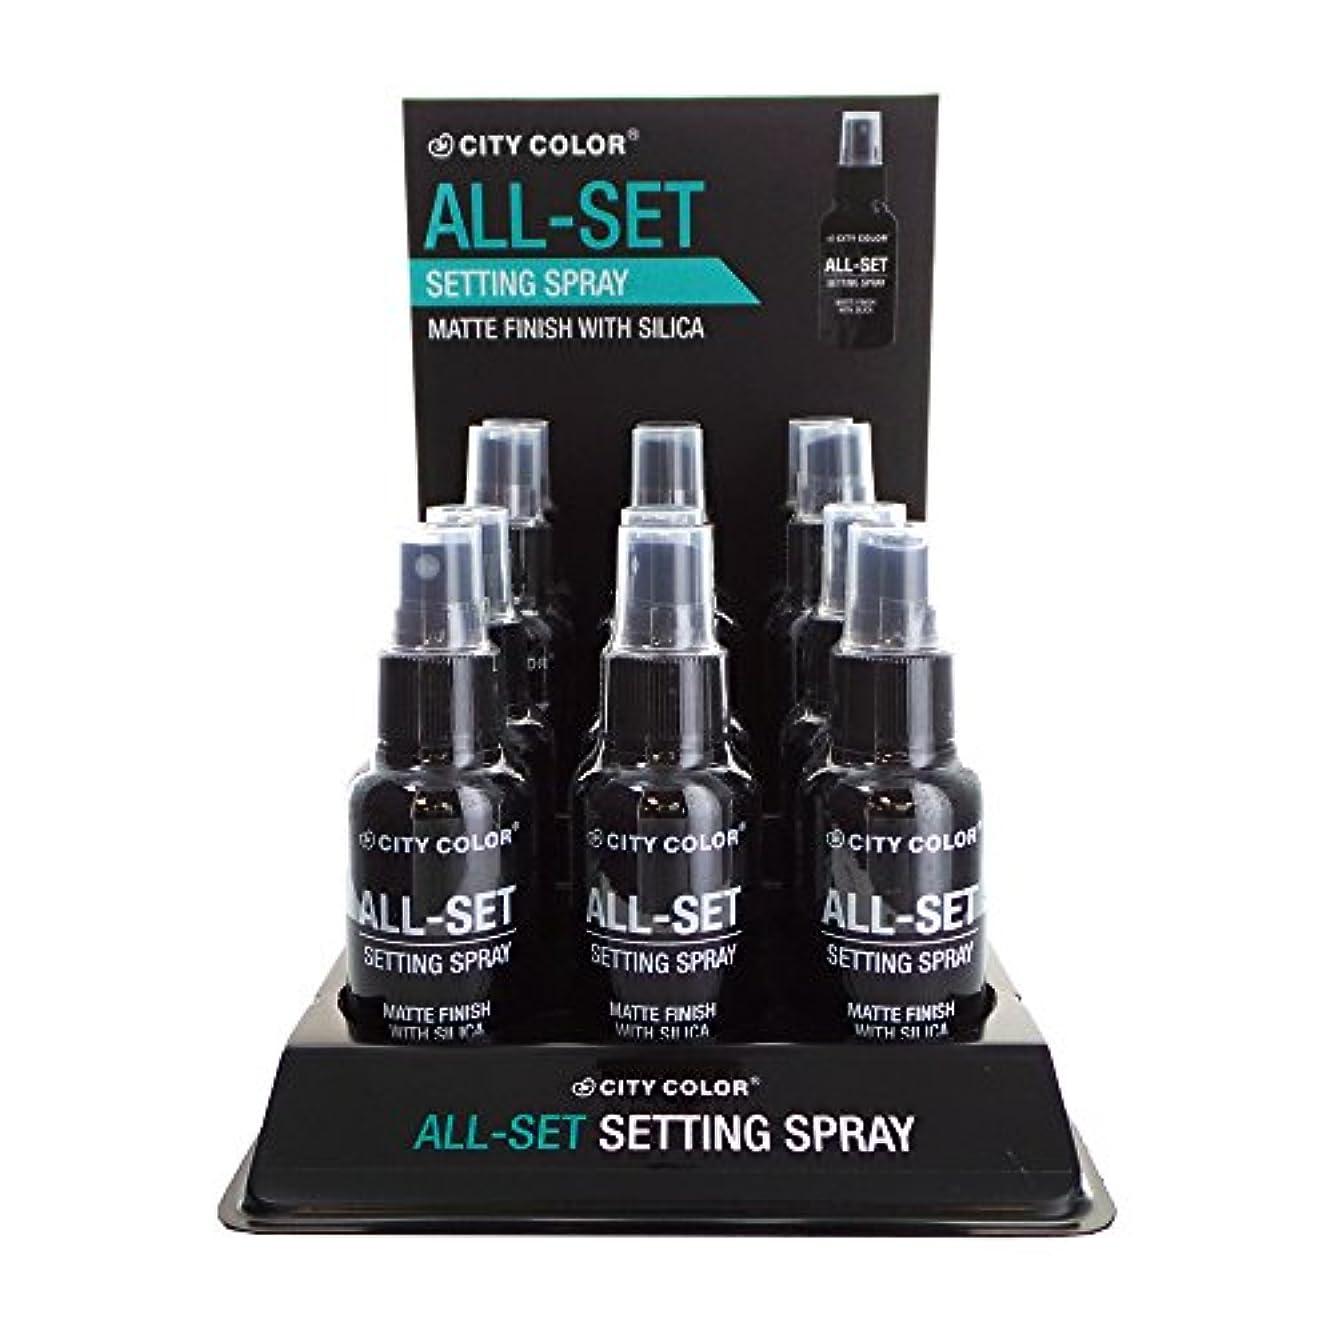 効率立証する致命的CITY COLOR All-Set Setting Spray Display Set, 12 Pieces (並行輸入品)